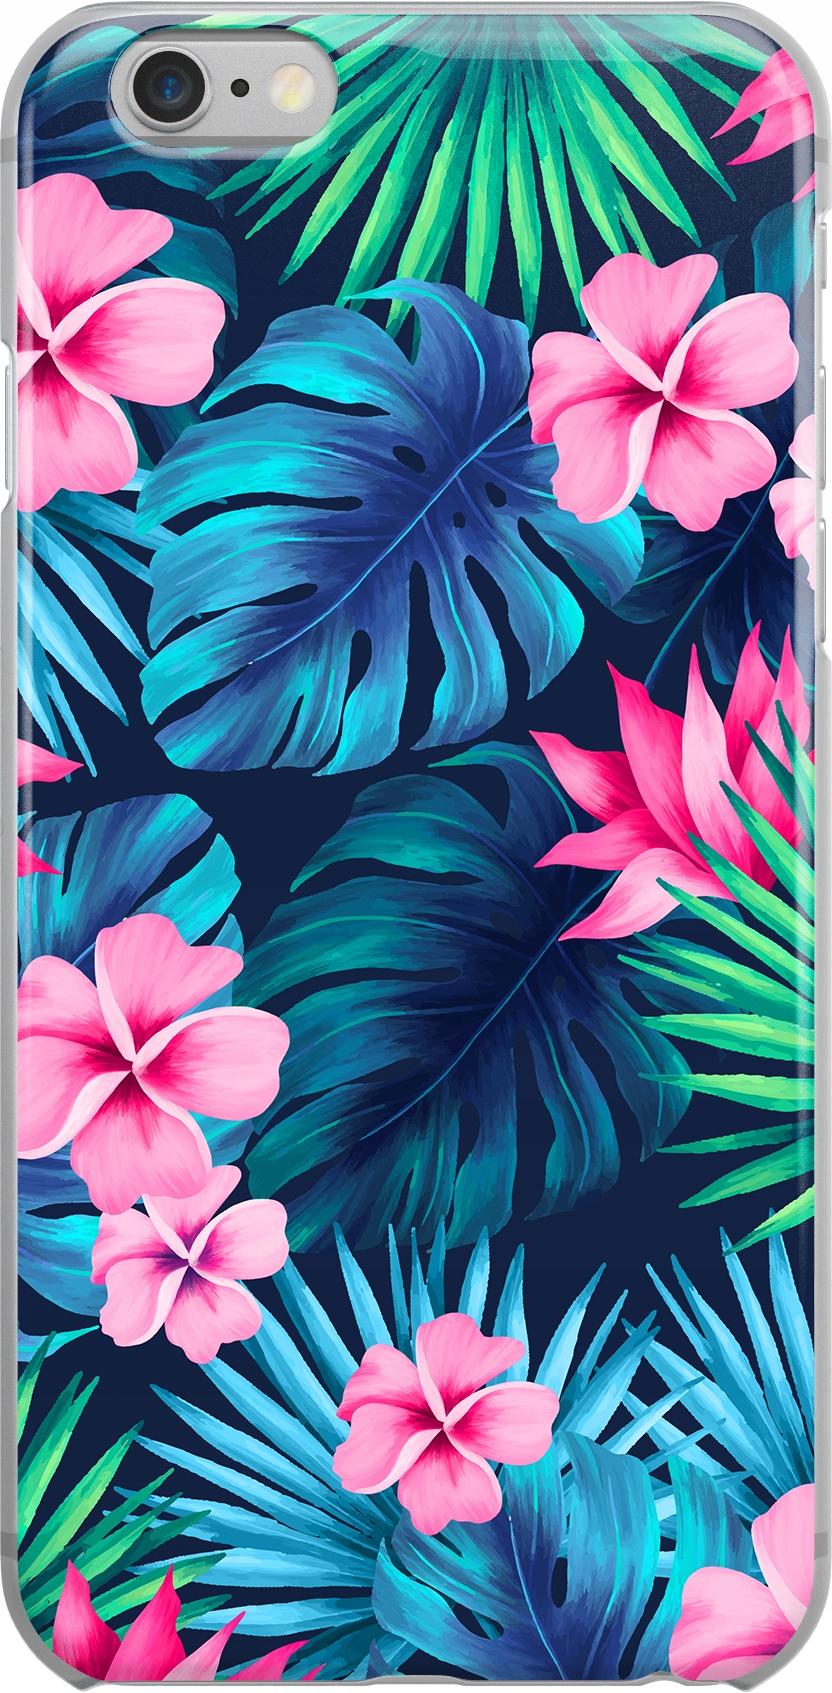 Etui Wzory Kwiaty Huawei GT3